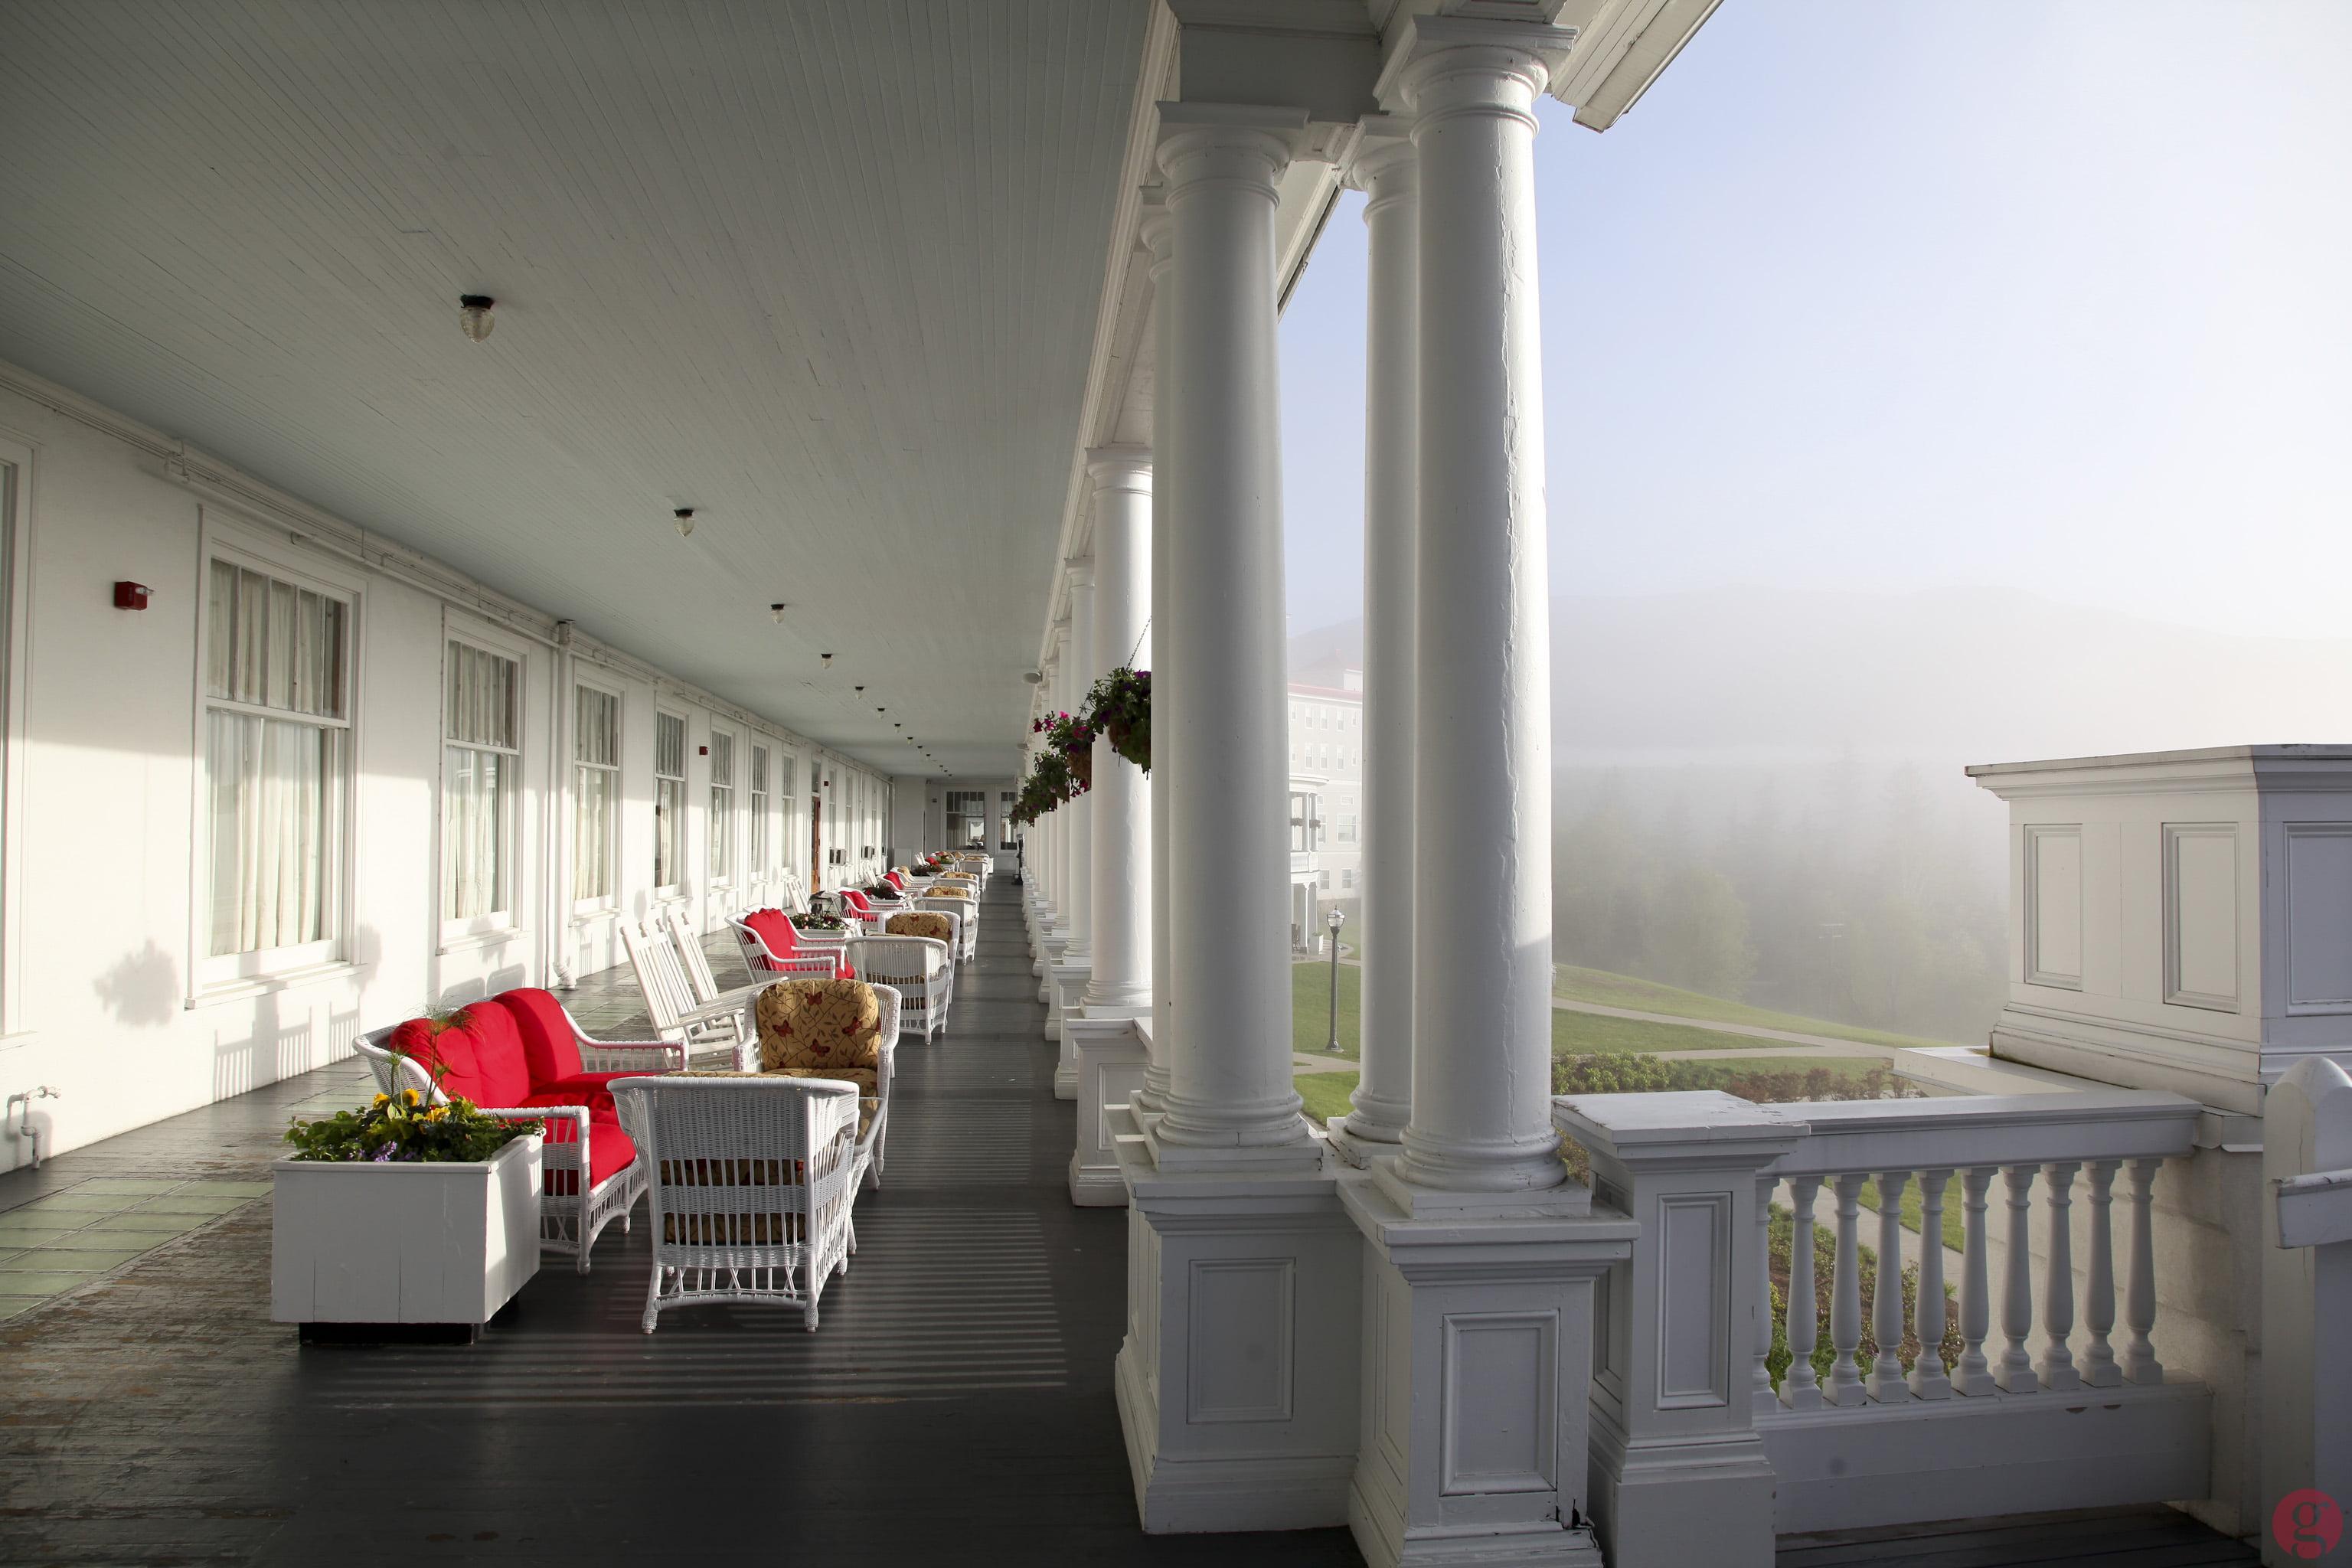 The back veranda